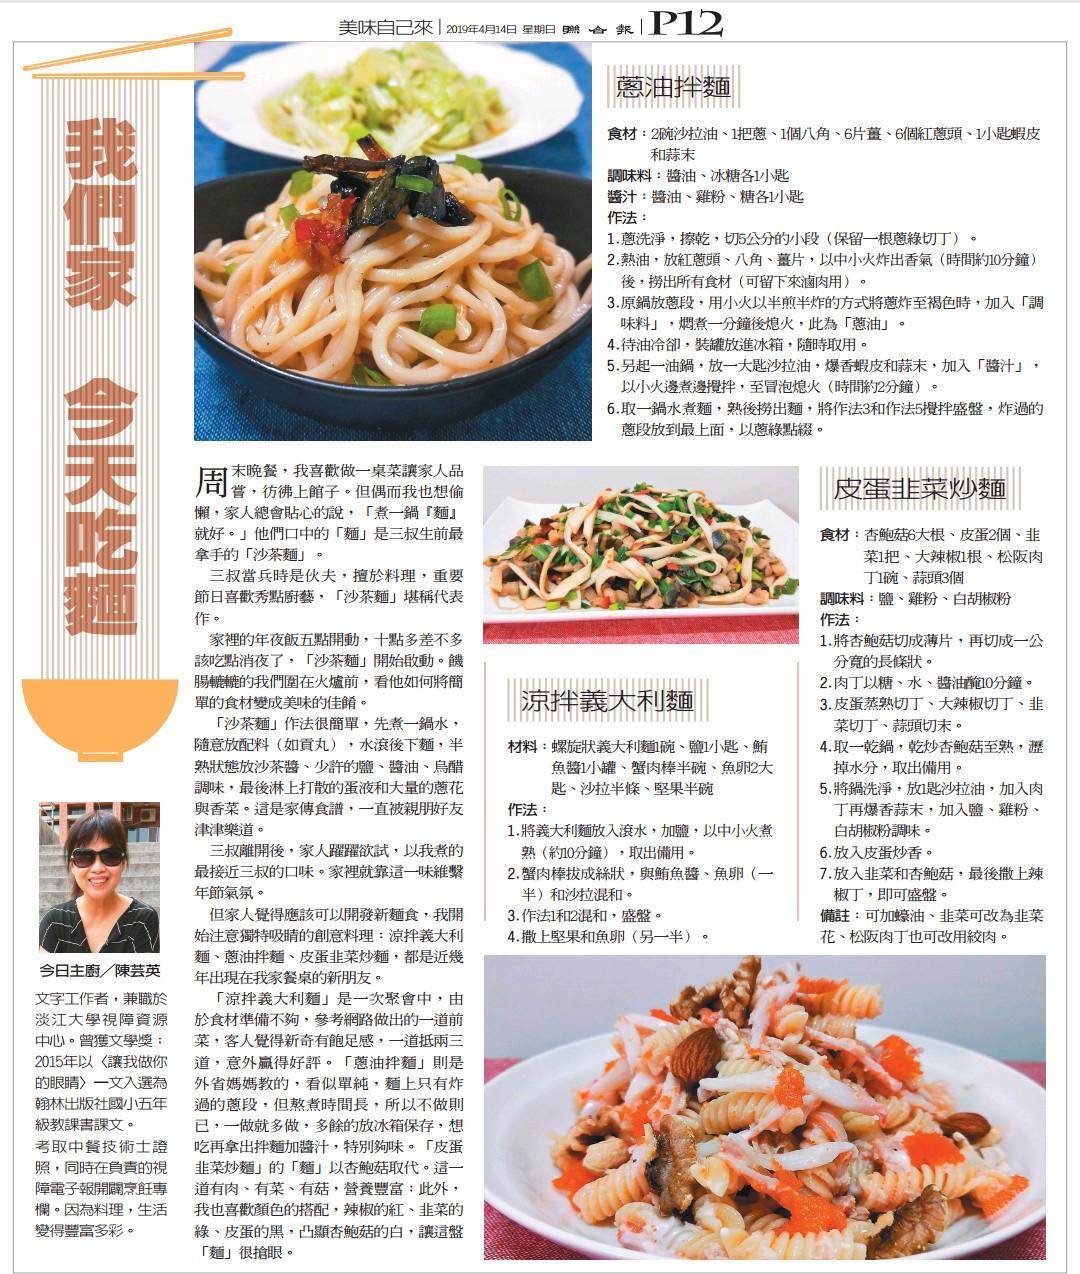 聯合報週日推出的「元氣週報」,介紹了三道我做的麵食料理。